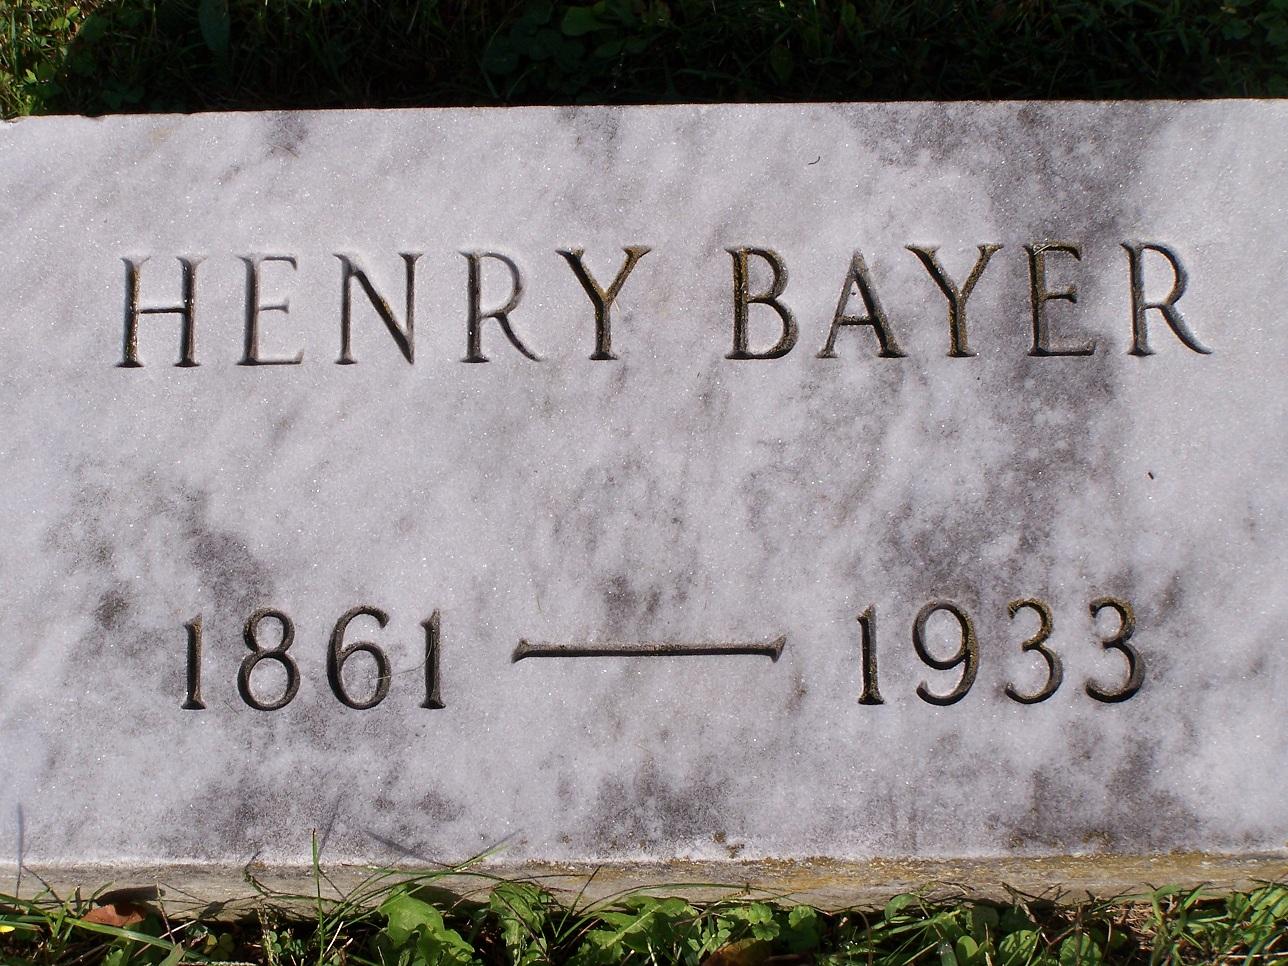 Henry Bayer